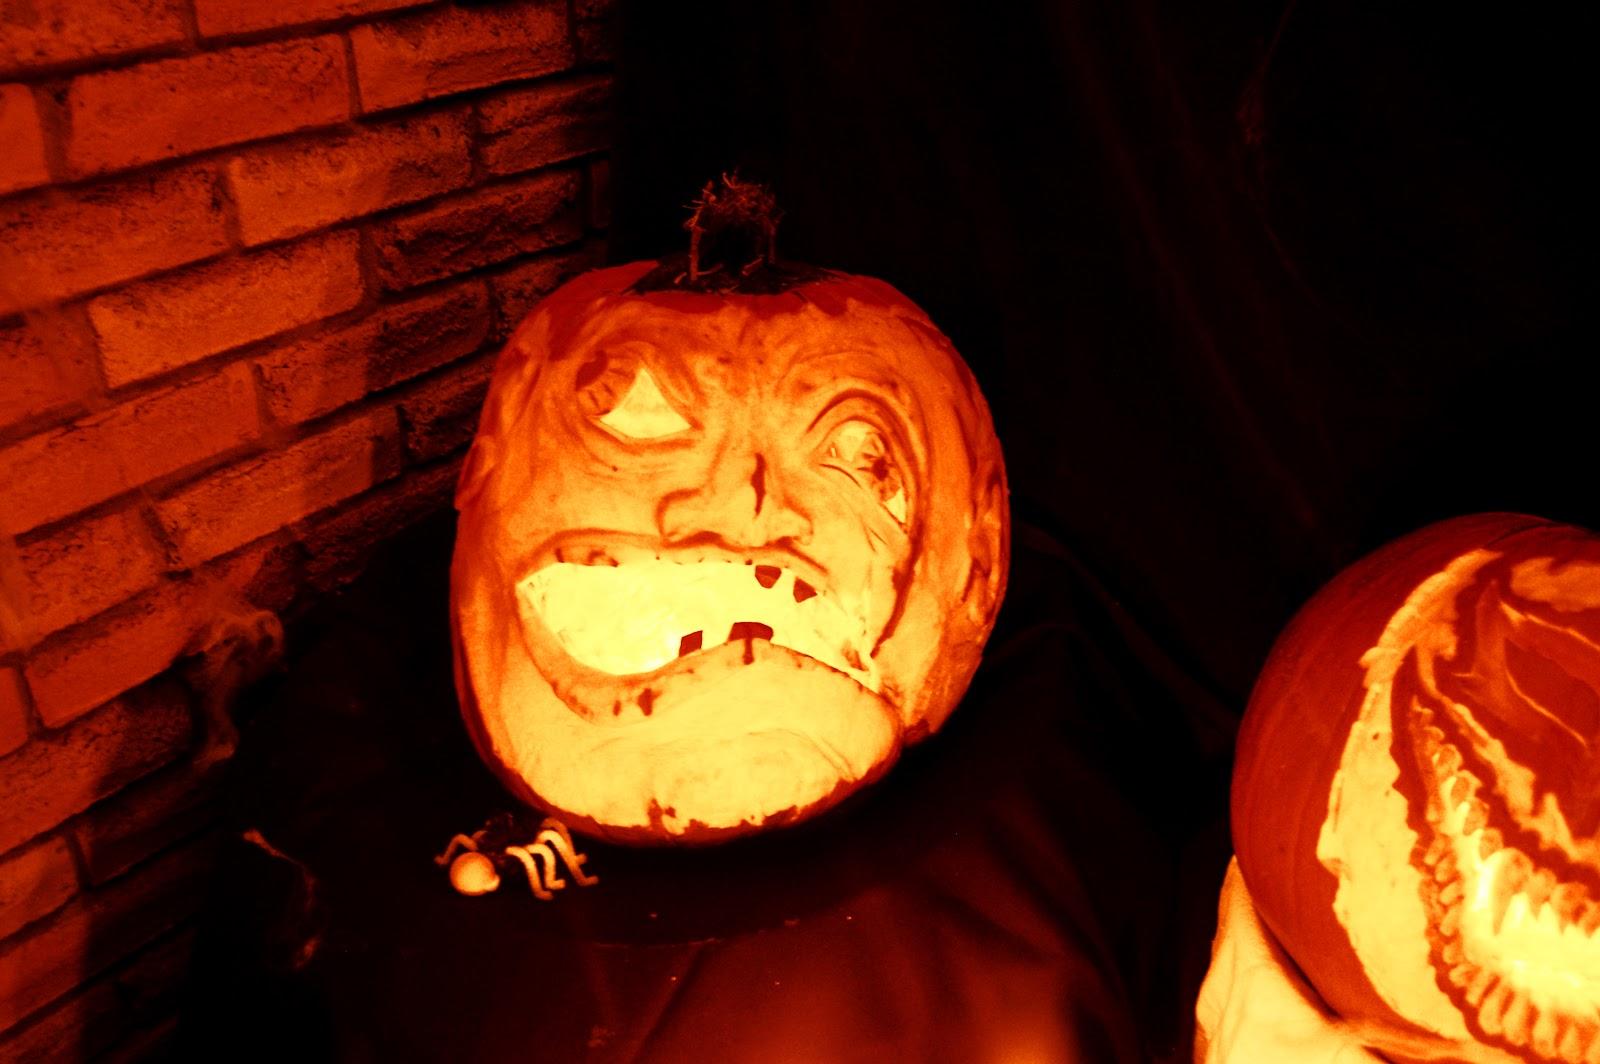 http://4.bp.blogspot.com/-UCYMbdScZTs/UJJ0EvE8hCI/AAAAAAAAAIQ/XzUgQY79ec0/s1600/pumpkin.jpg